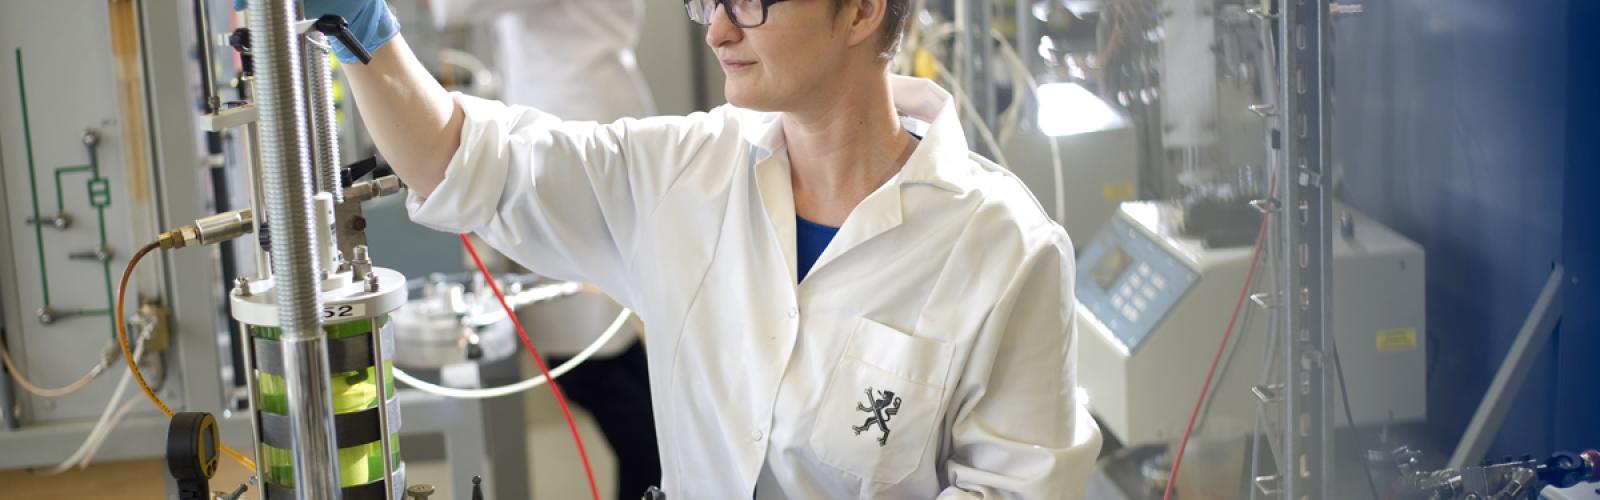 Mensen doen onderzoek in labo